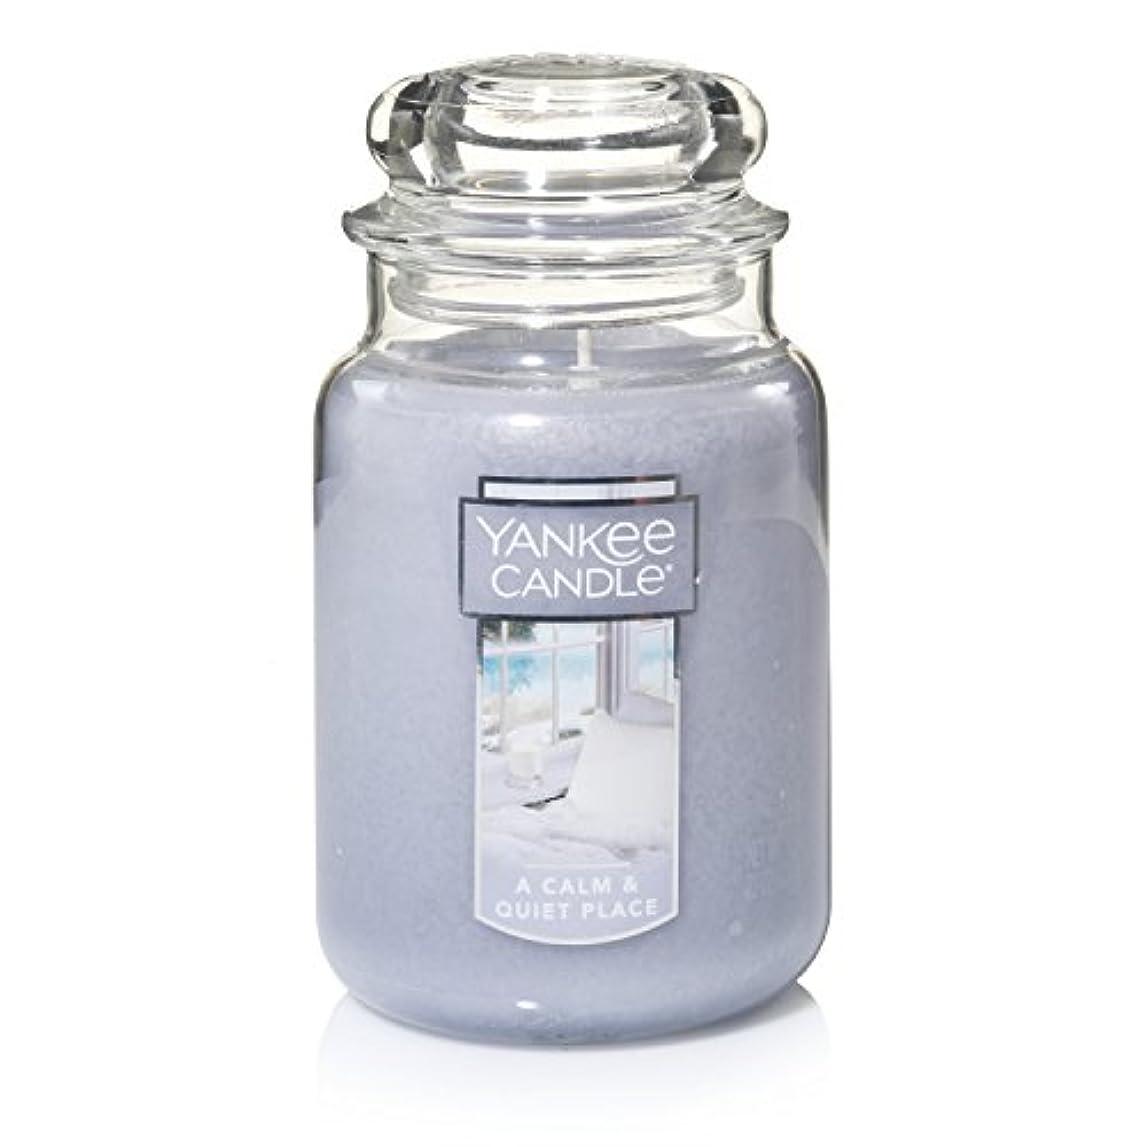 文言優越グローYankee Candle A Calm & Quiet Place Jar Candle, Large